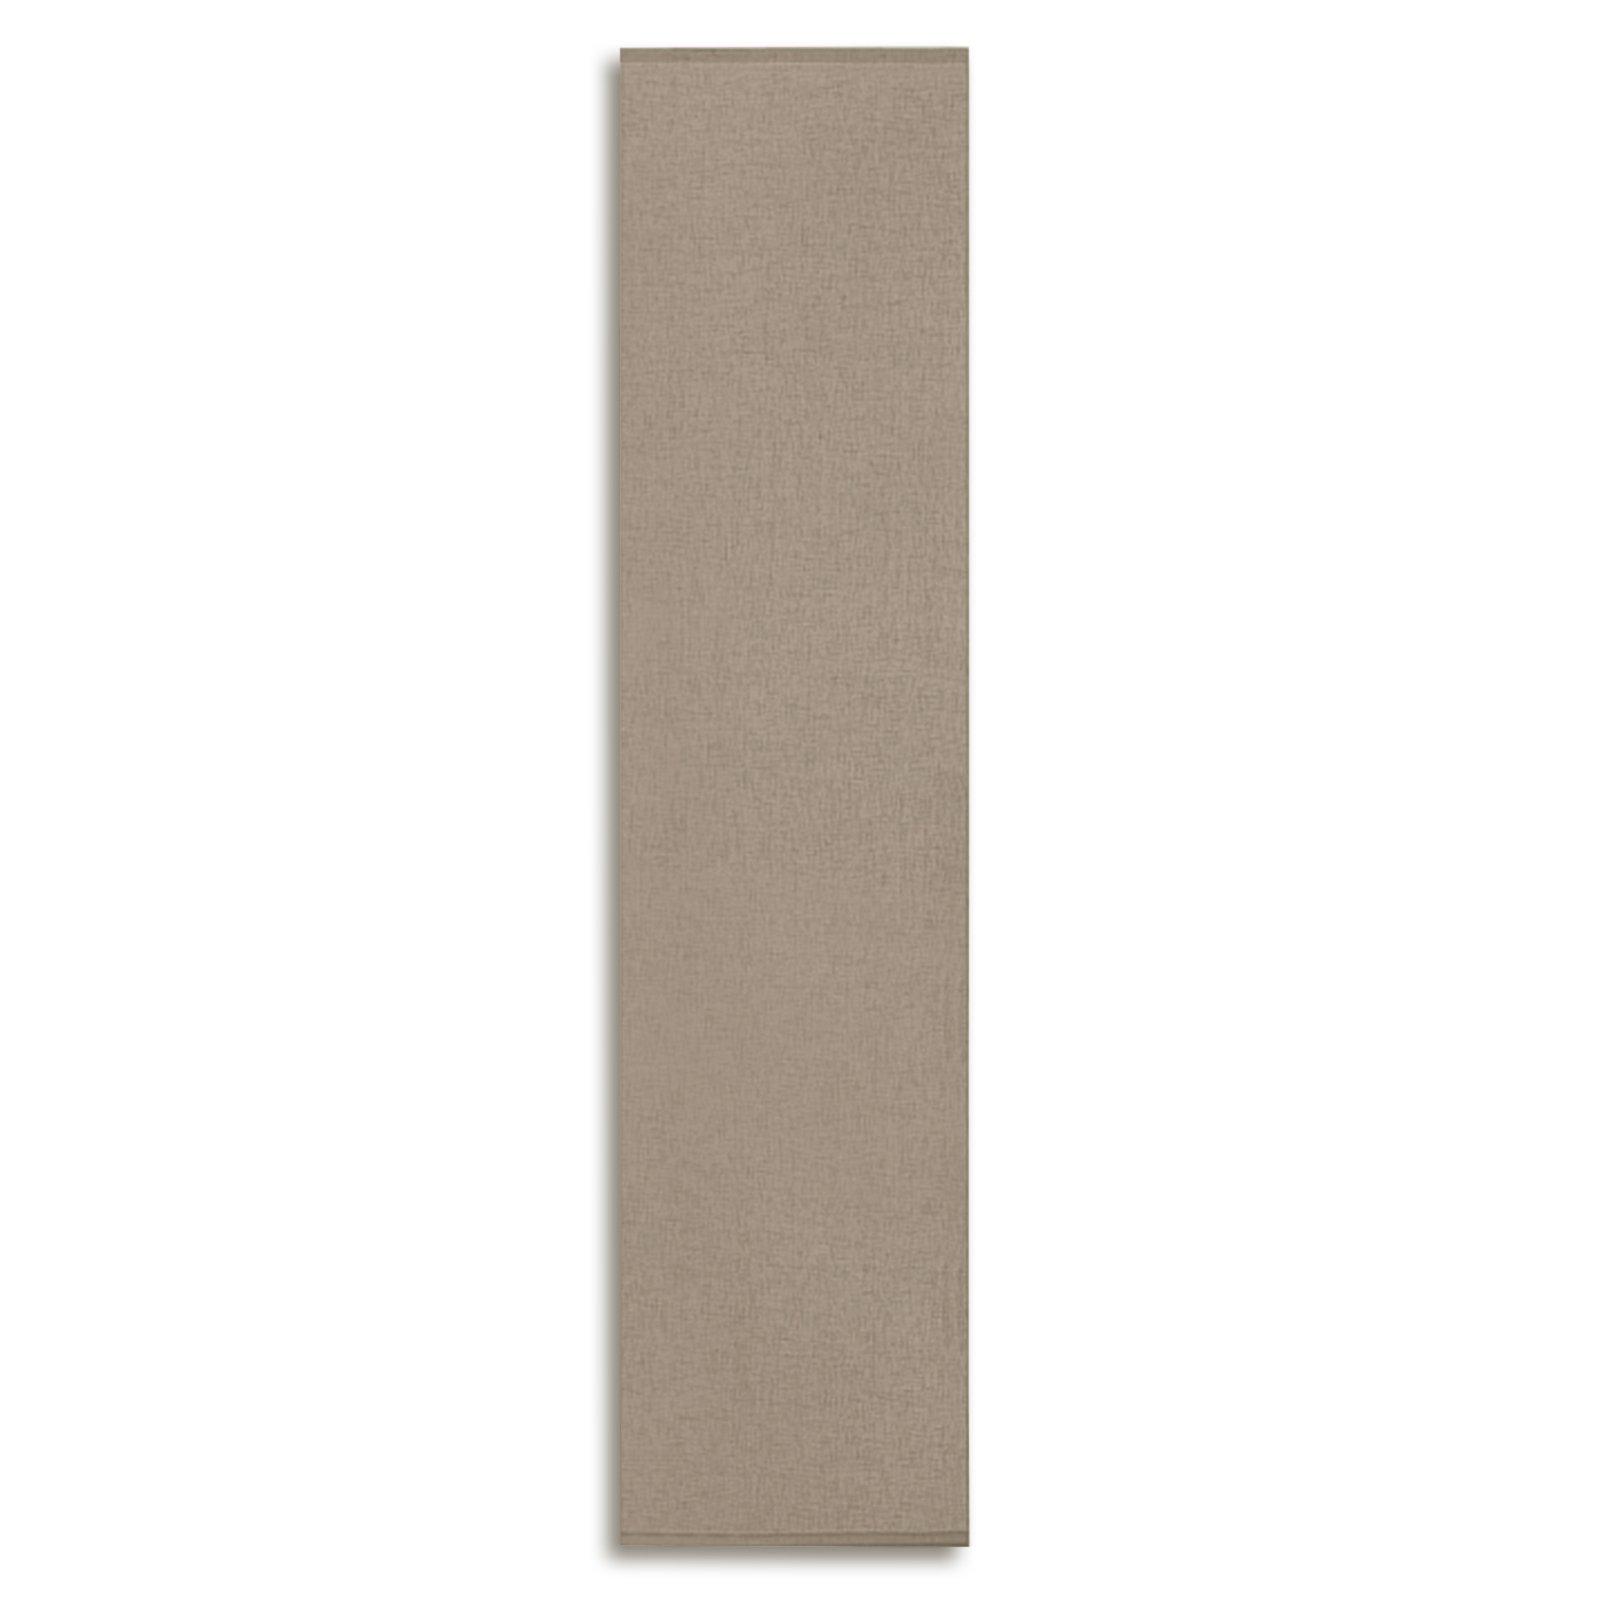 schiebevorhang taupe 60x245 cm schiebevorh nge. Black Bedroom Furniture Sets. Home Design Ideas